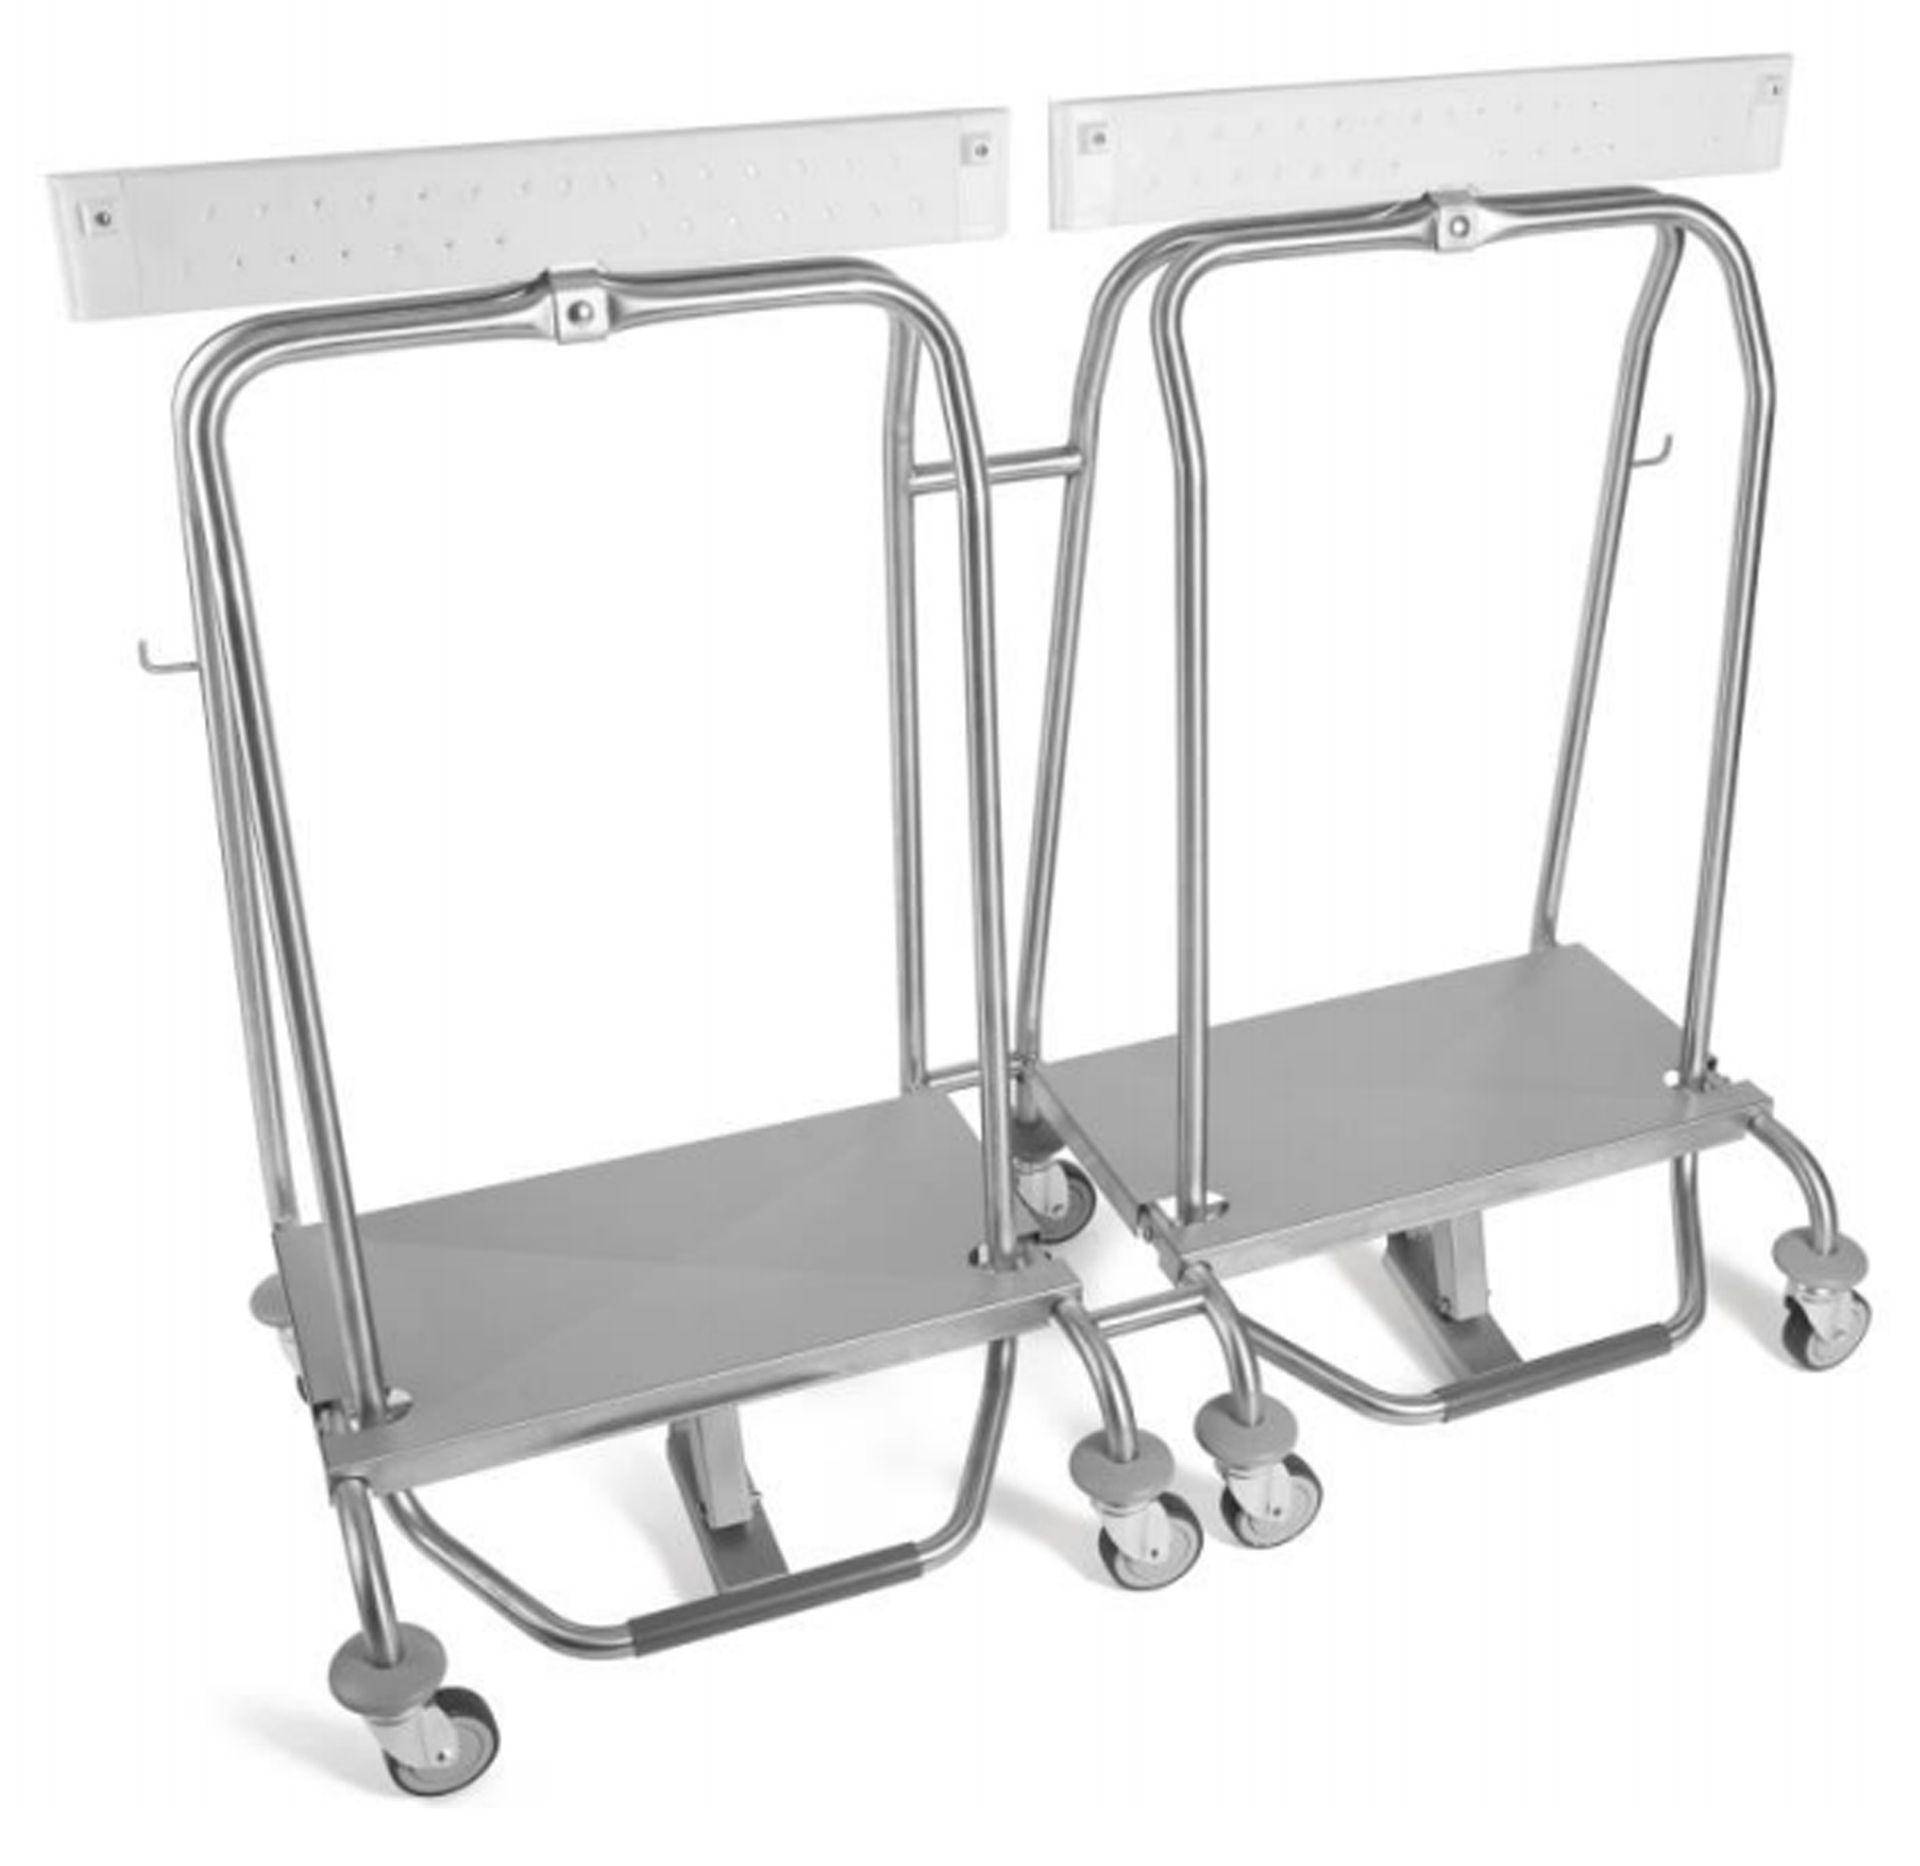 Droppy duo rvs 70ltr op 4 wielen inclusief remmechanisme for Rvs ladenblok op wielen